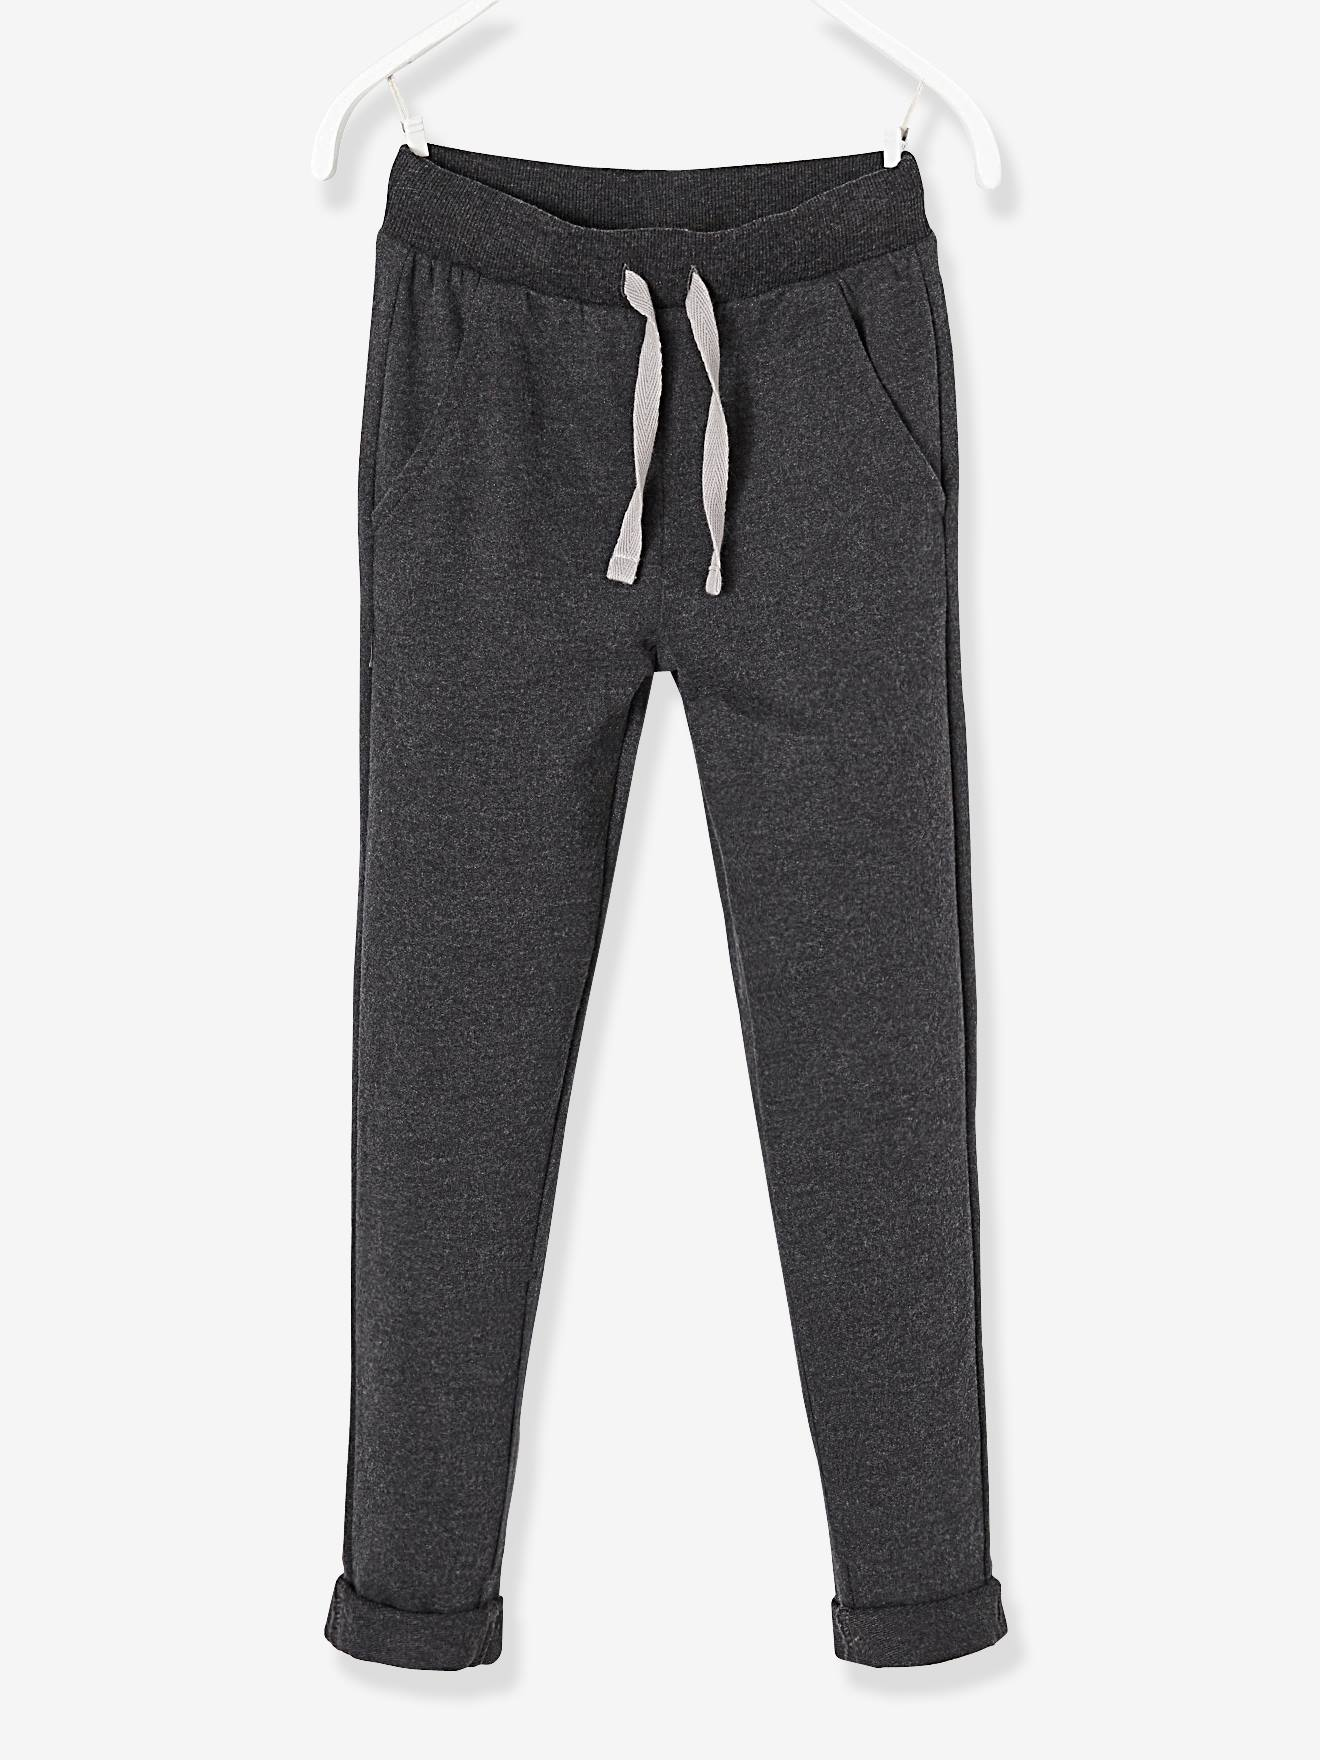 Pantalon garçon en molleton noir chiné -